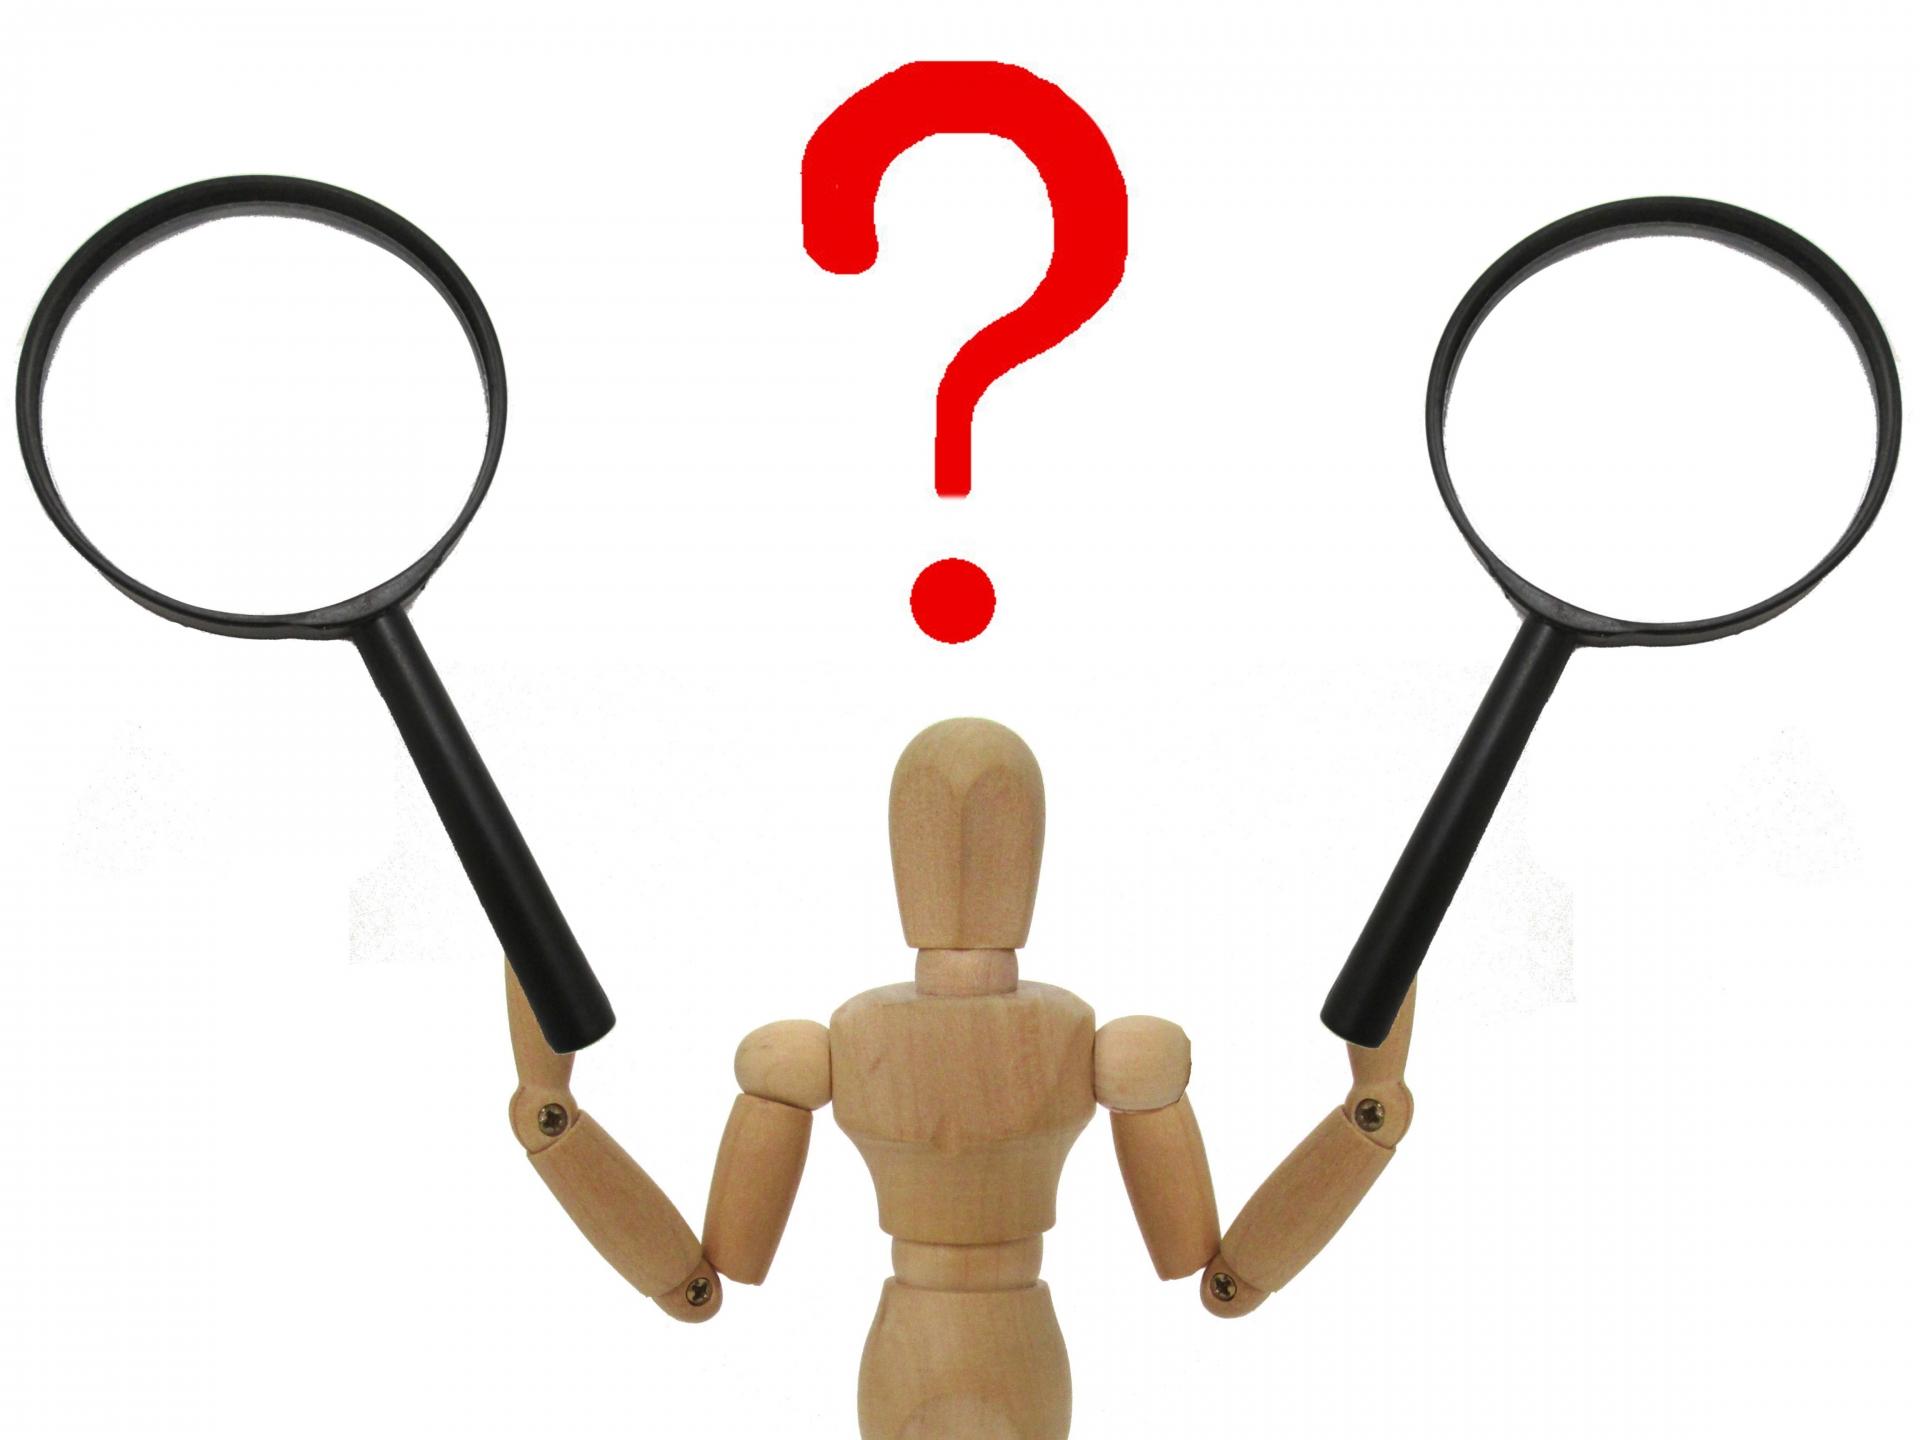 営業代行と業務委託の違い